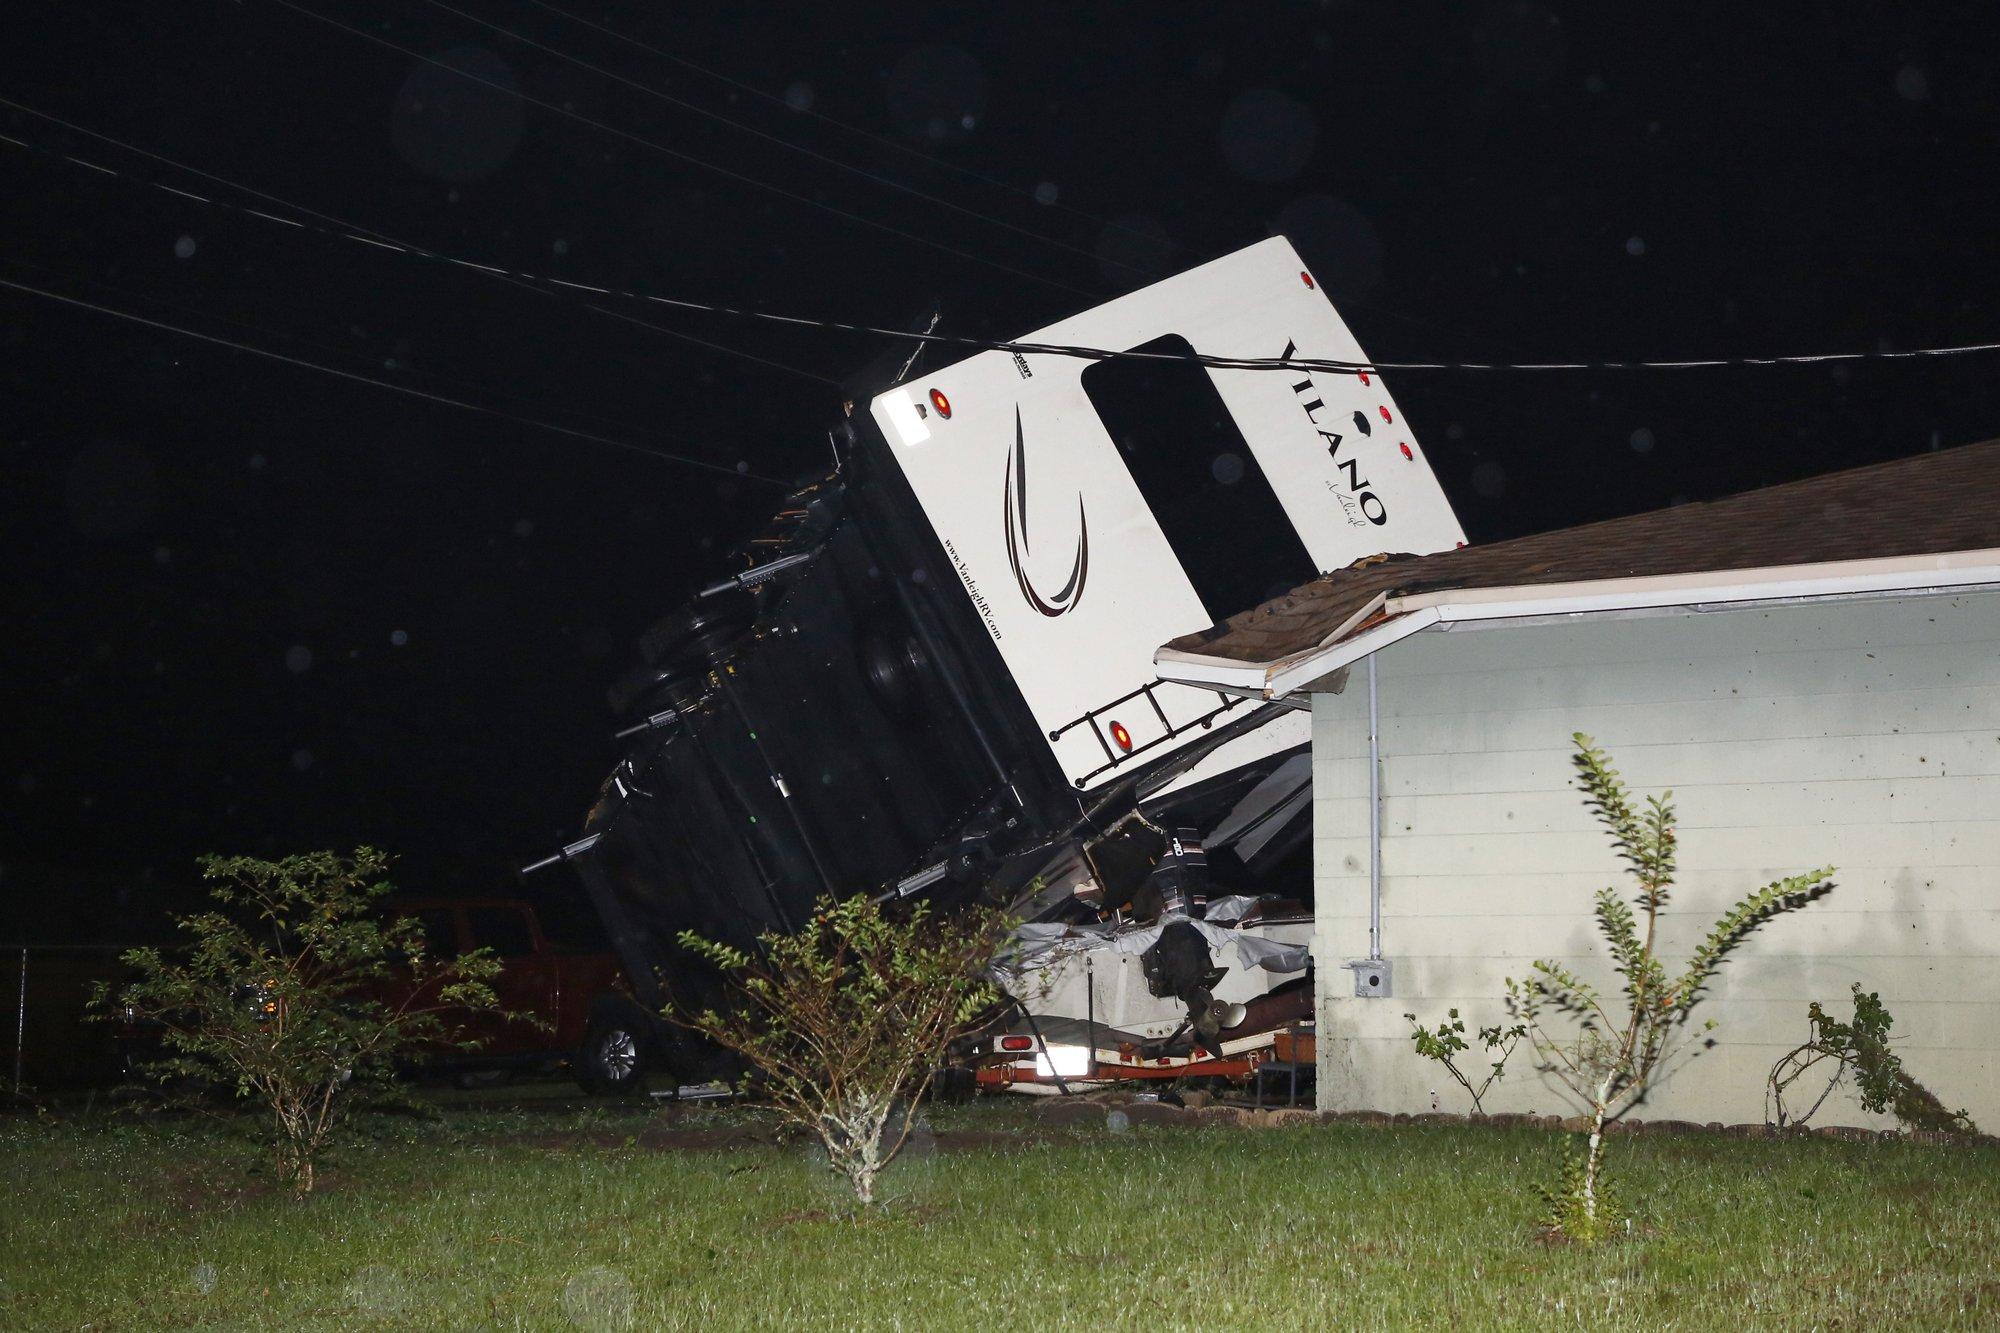 Nestor heads into Georgia after tornados damage Florida